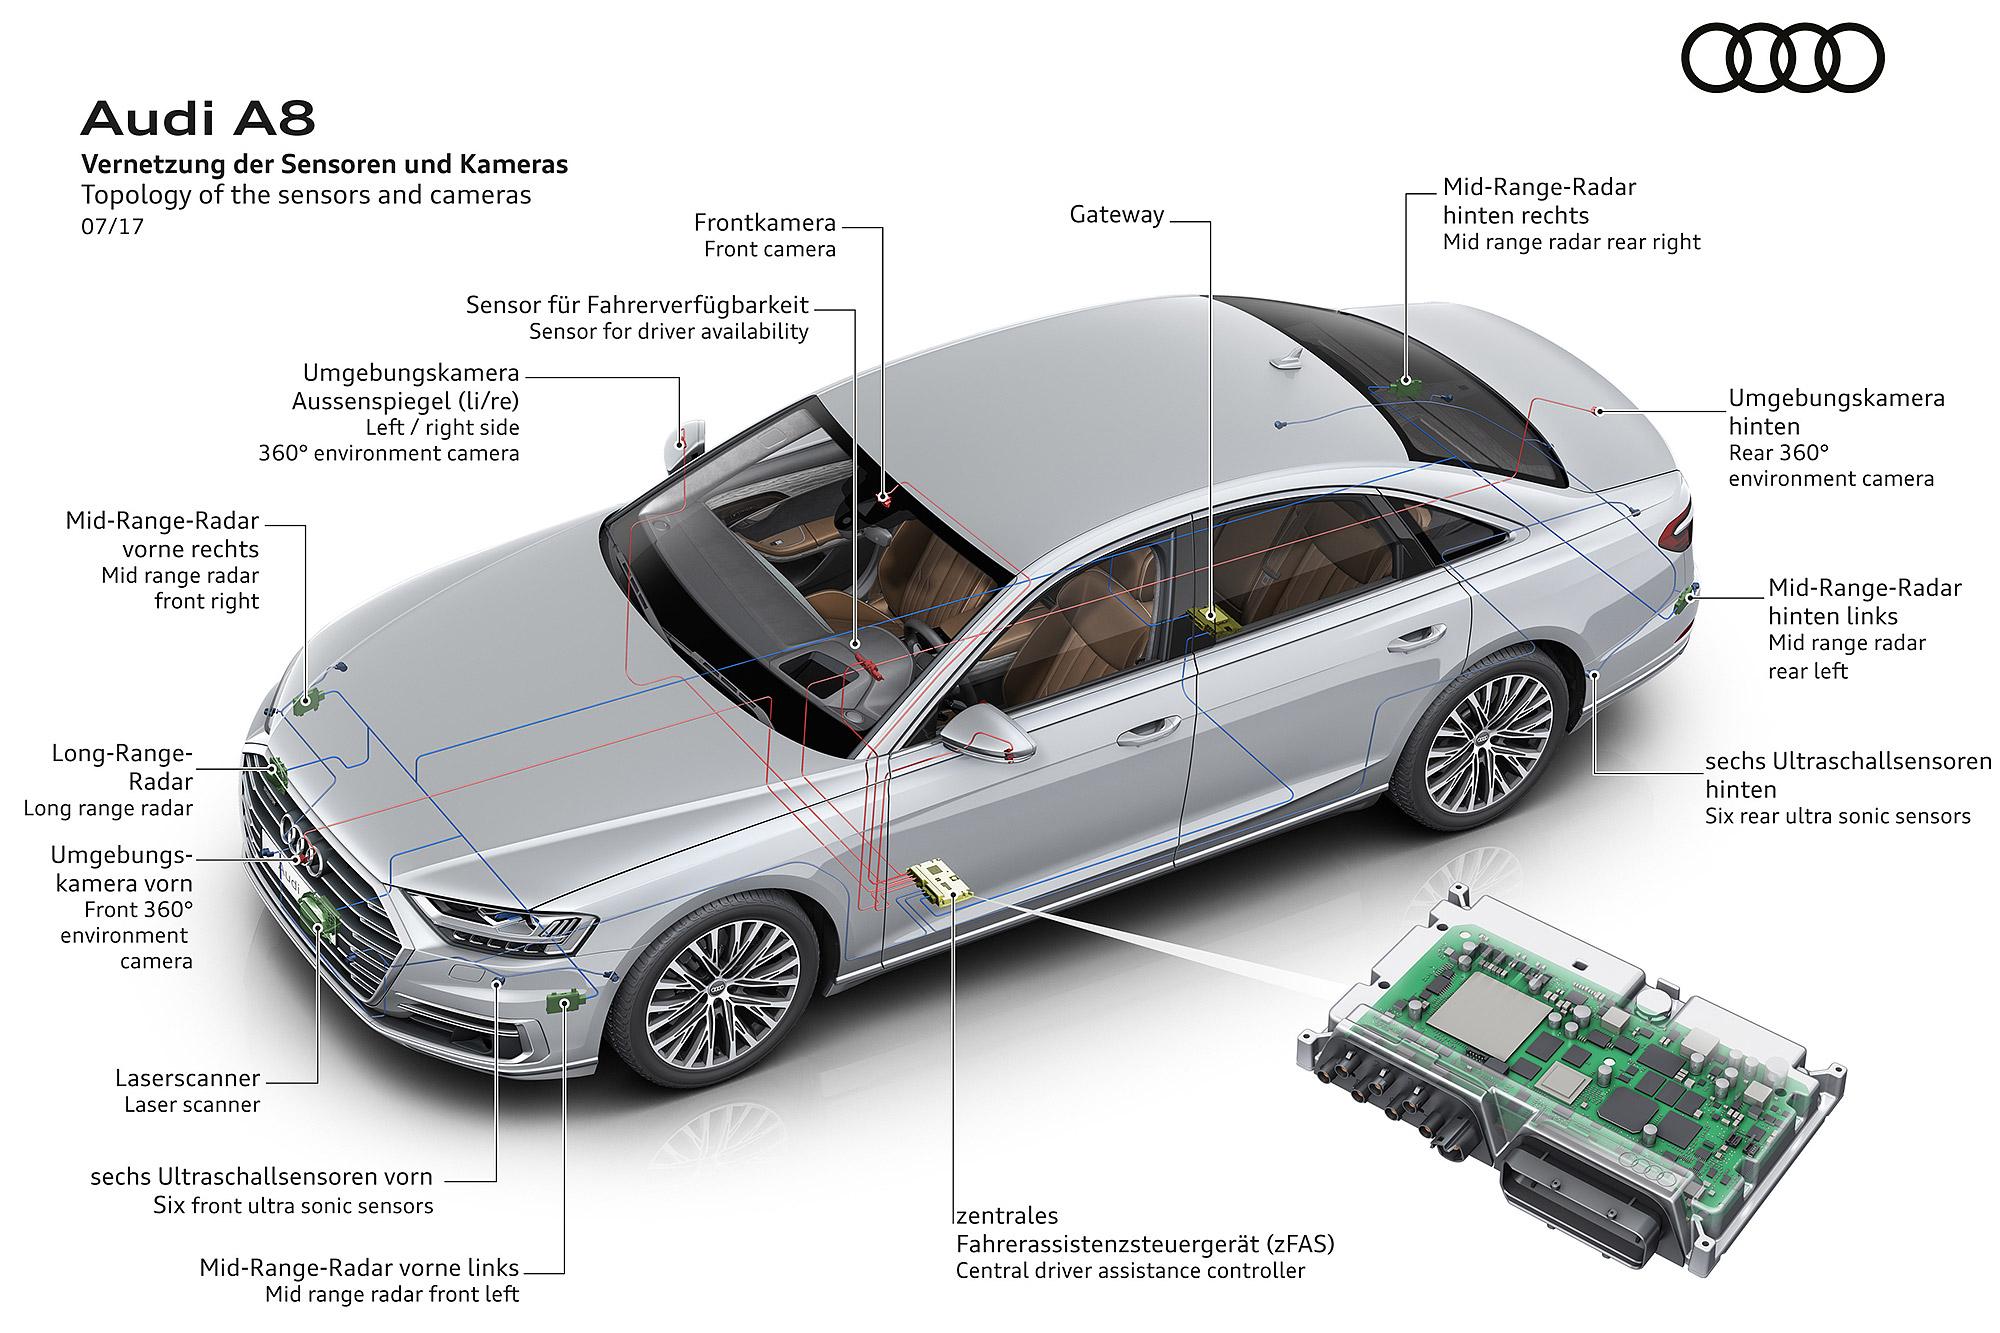 新世代 A8 初登場時,曾經是全球首款具備 Level 3 層級自動駕駛輔助,並且全面 Mild-Hybrid 的量產車,科技感滿點。